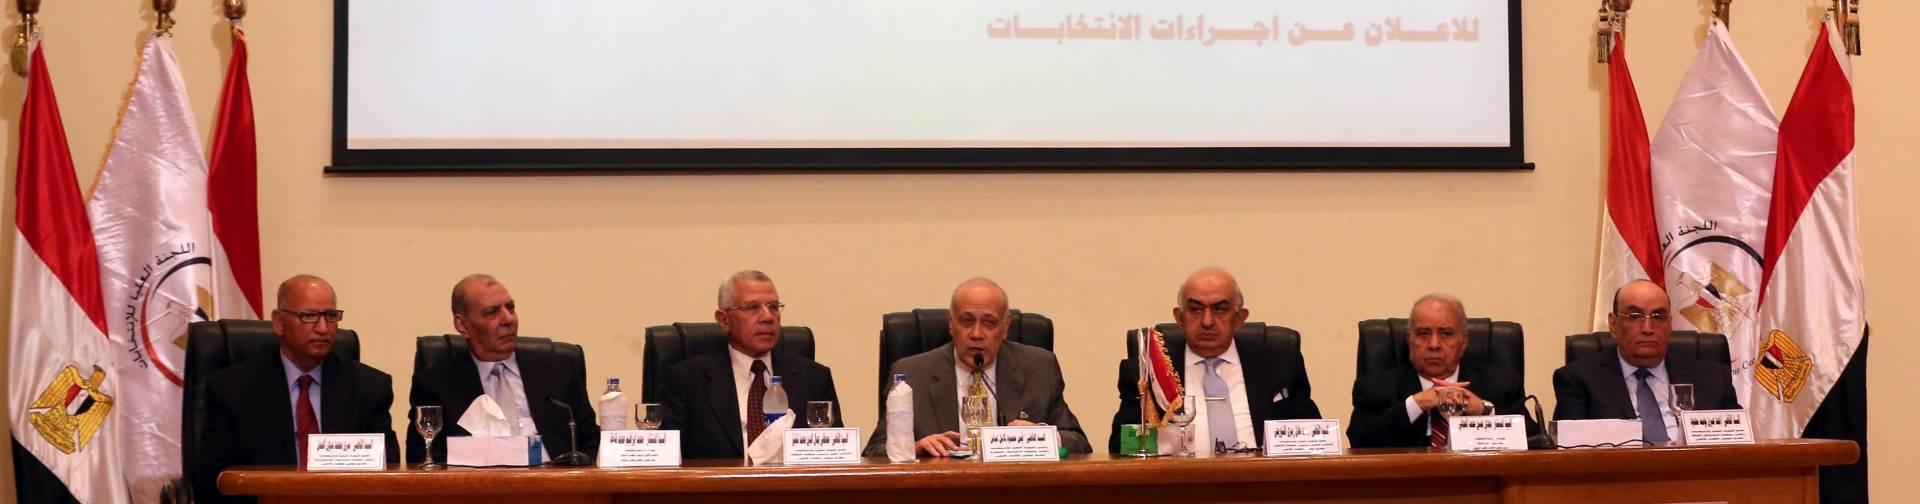 NIJE ZADOVOLJAN NJIHOVIM RADOM: Al-Sisi prihvatio ostavku vlade, imenovao mandatara